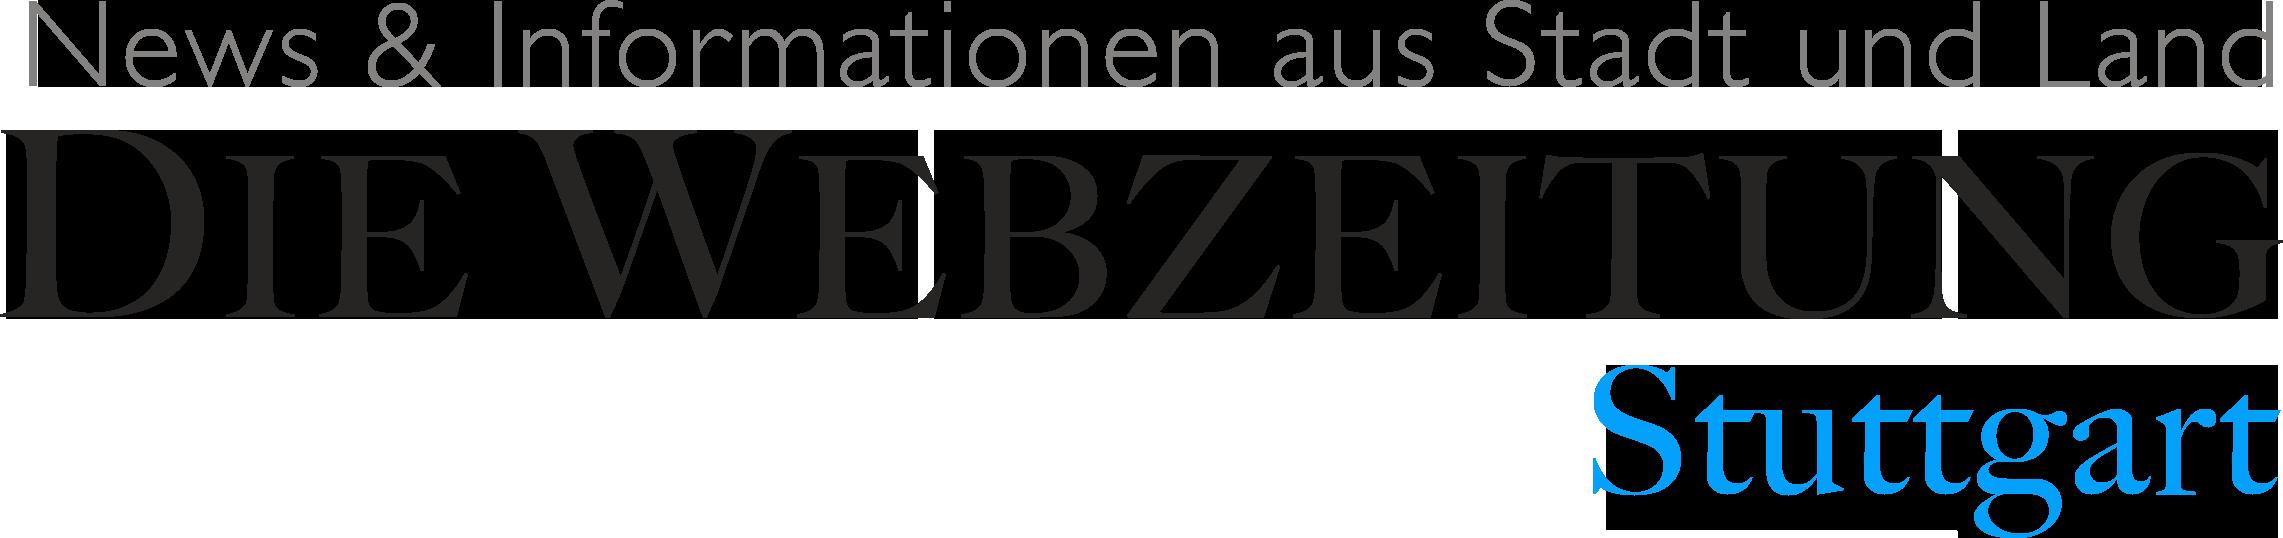 Die Webzeitung Stuttgart